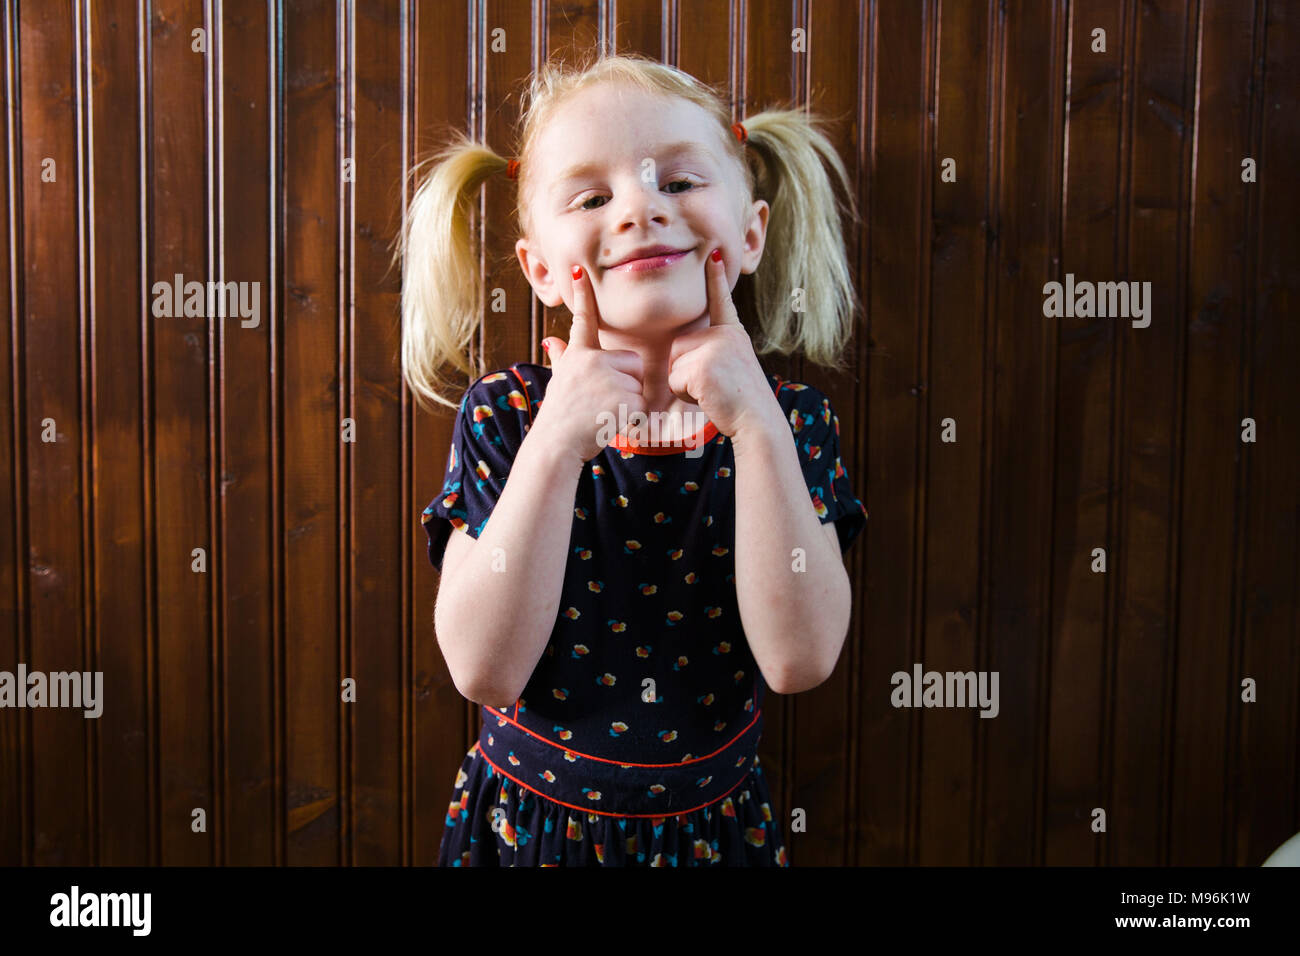 Chica con pigtails tirando de caras Imagen De Stock